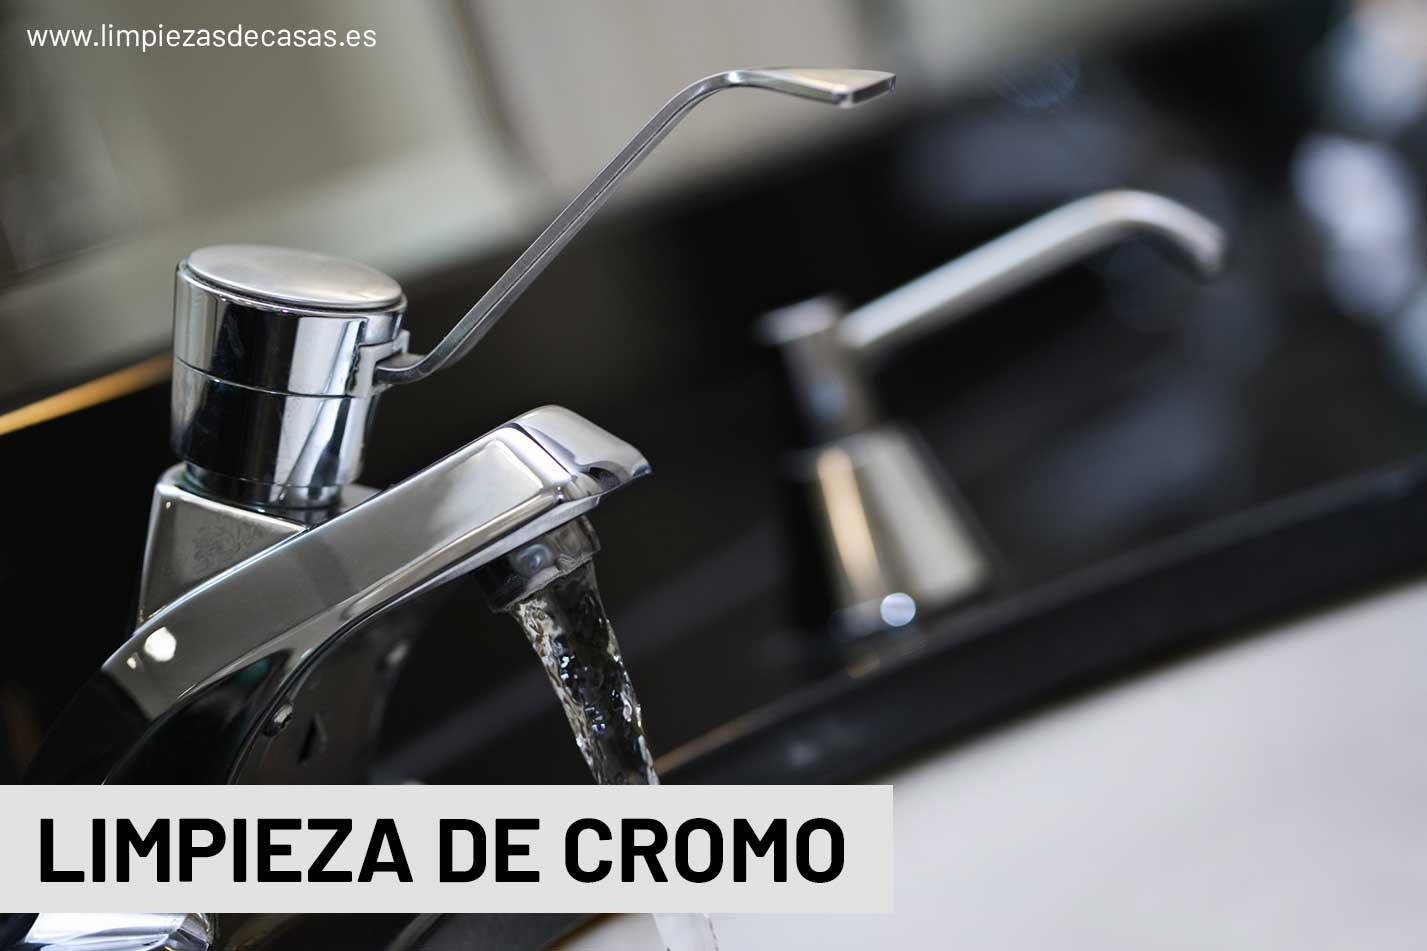 LIMPIEZA-DE-CROMO